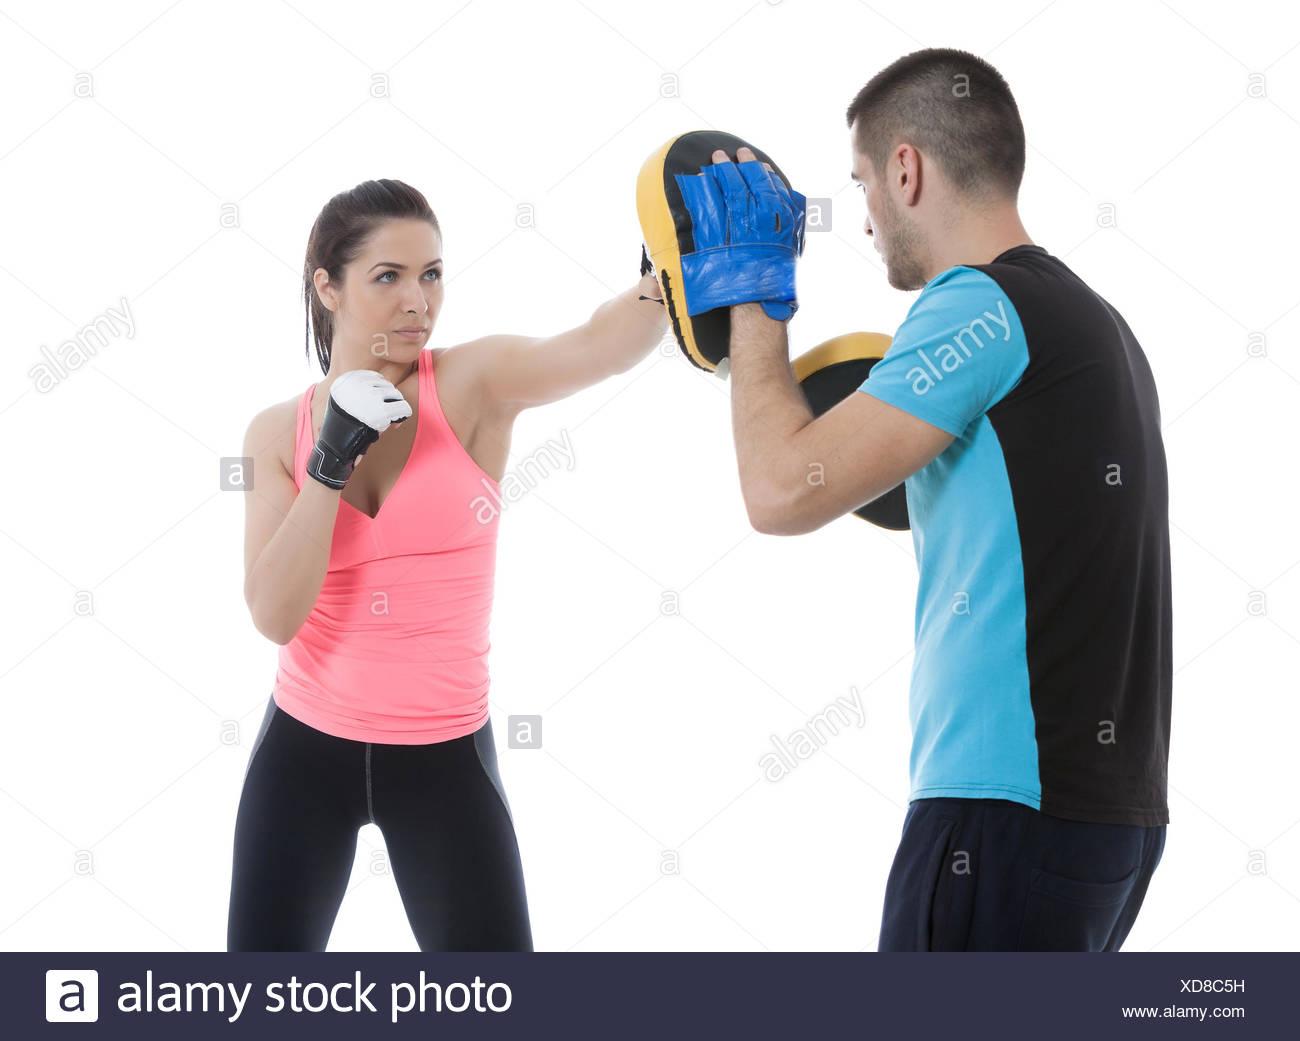 Ejercicio de entrenamiento de boxeo Imagen De Stock